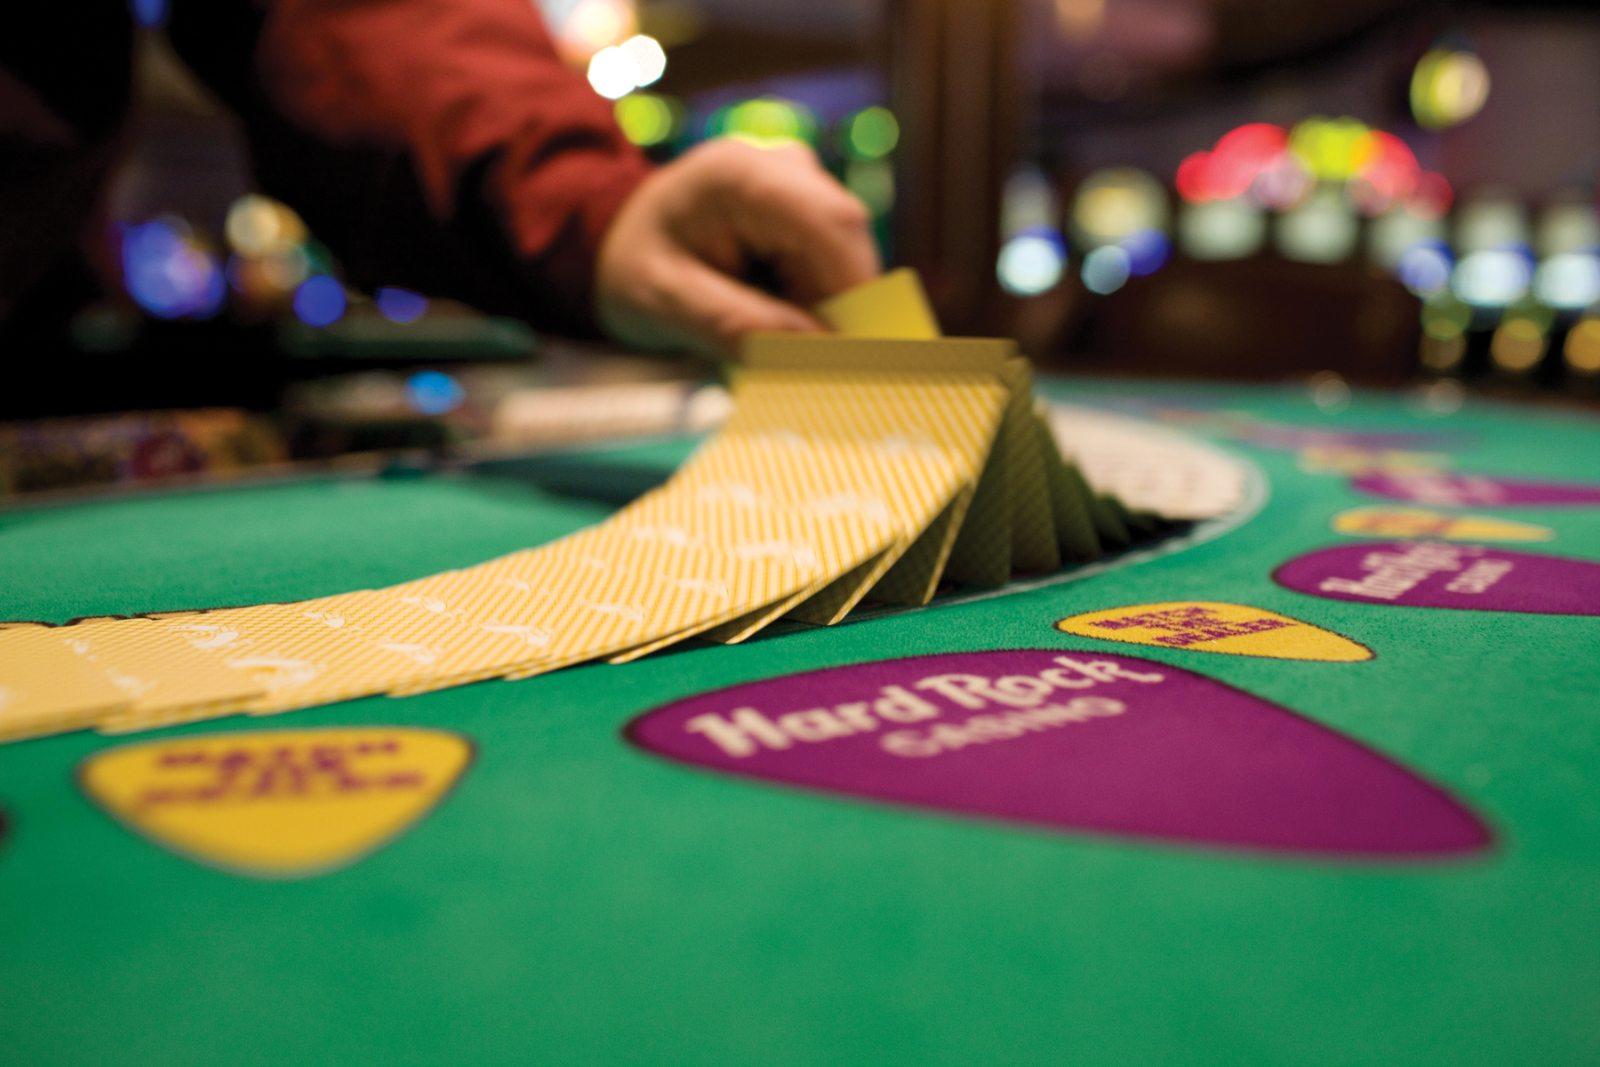 Играла когда нибудь в казино карты дурак играть бесплатно без регистрации